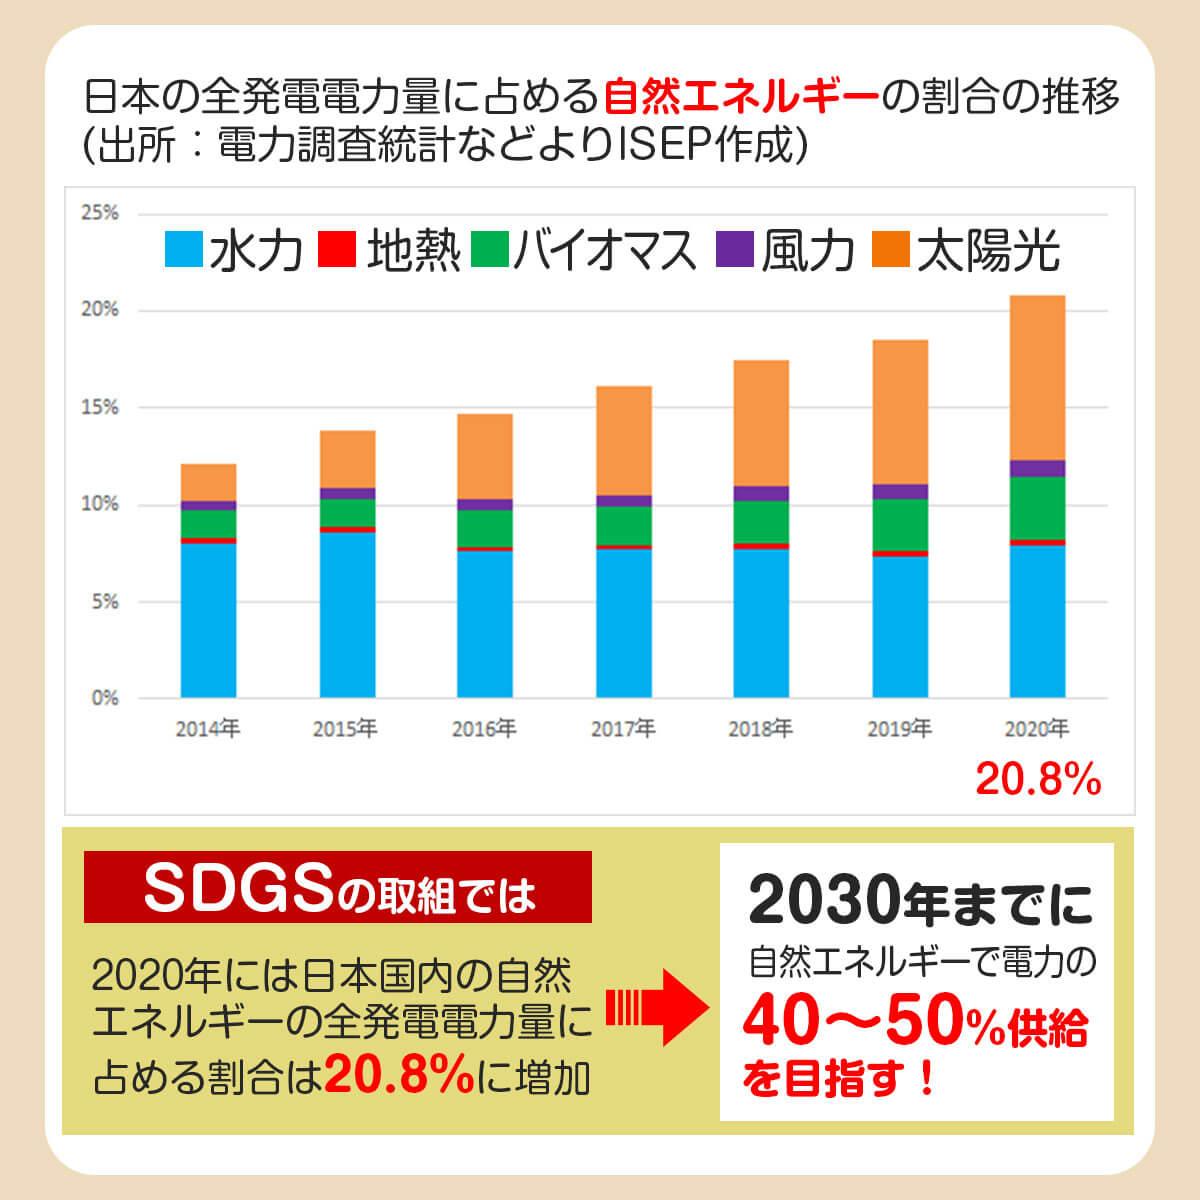 日本の自然エネルギー割合